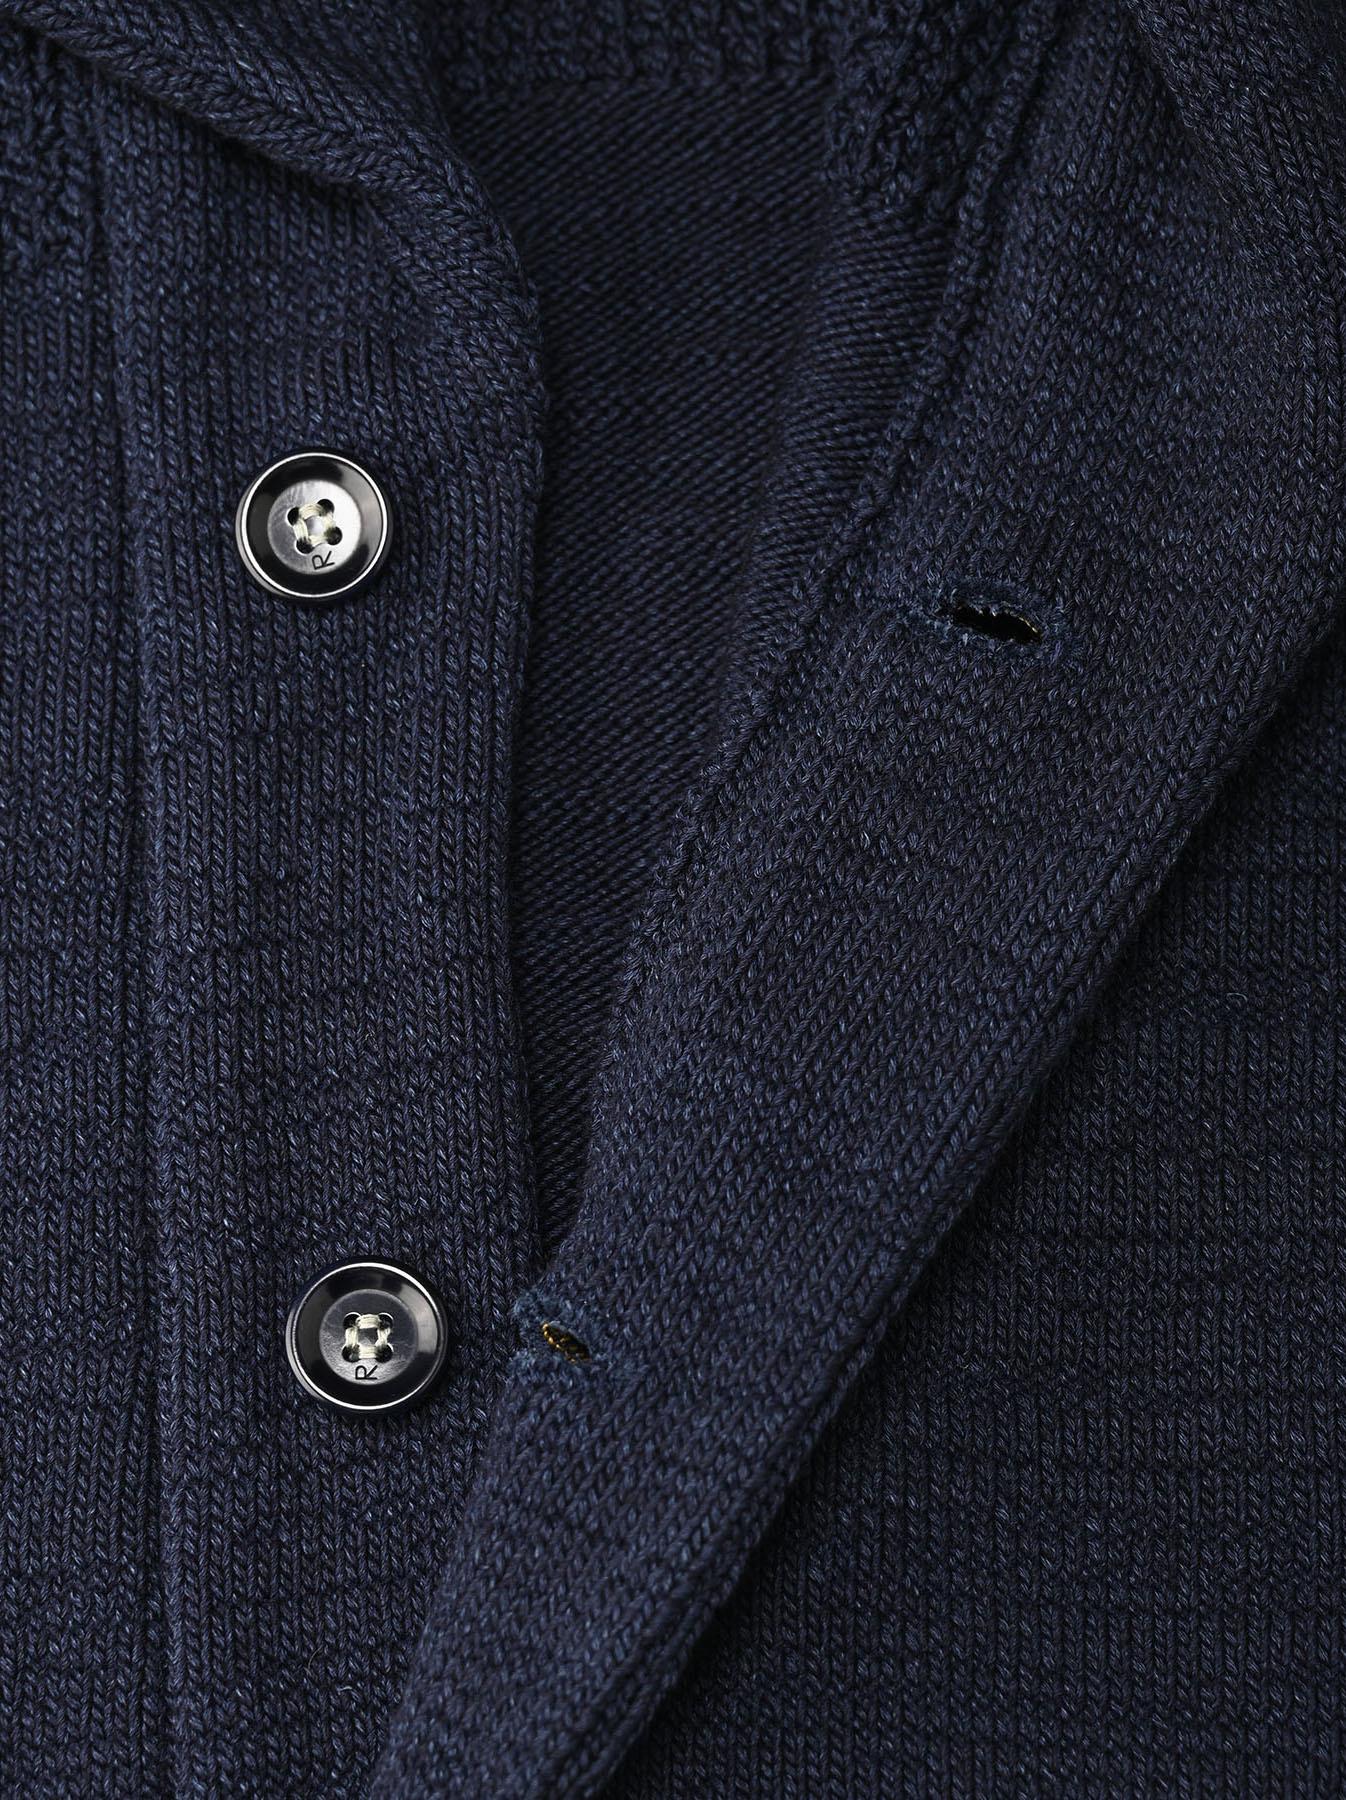 Indigo Stretch Knit Shawl Collar 908 Blouson-12